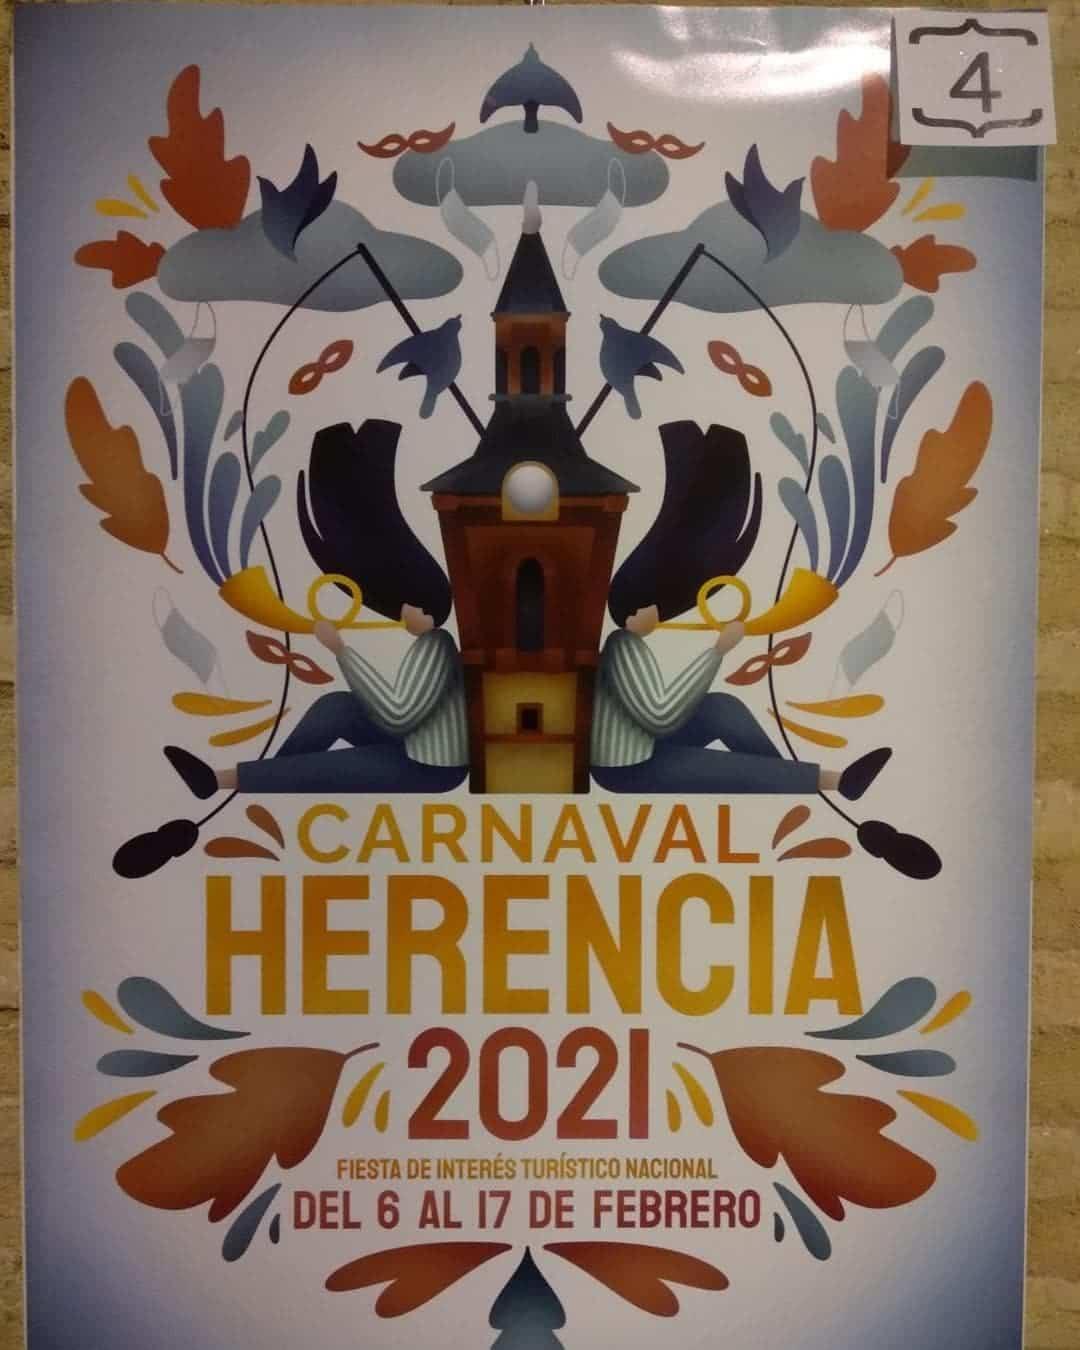 Conoce los 4 carteles del concurso para el Carnaval de Herencia 2021 12